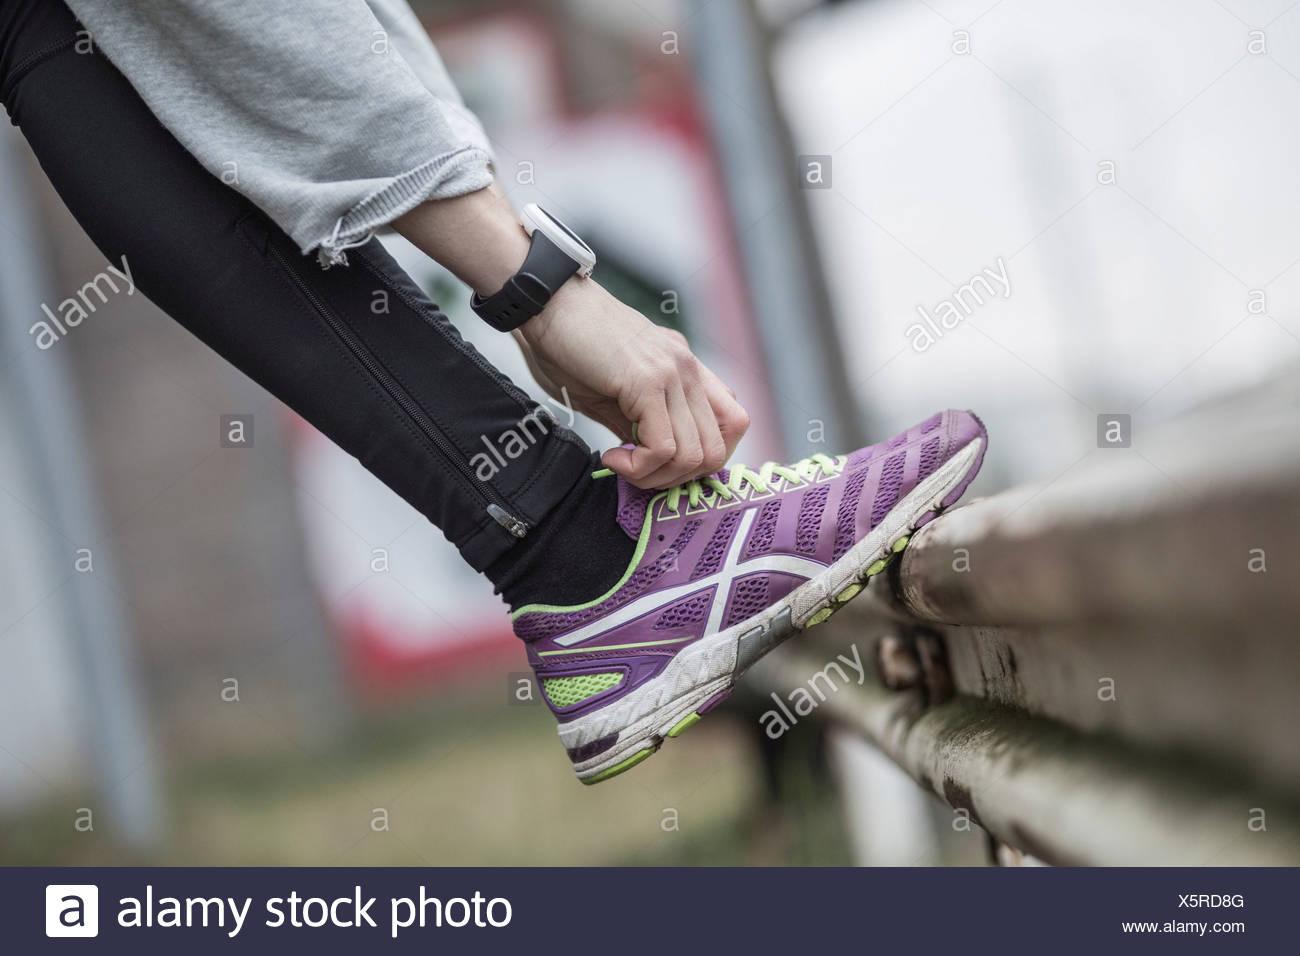 La section basse de femme dentelle de lier la chaussure de sport sur main courante Photo Stock